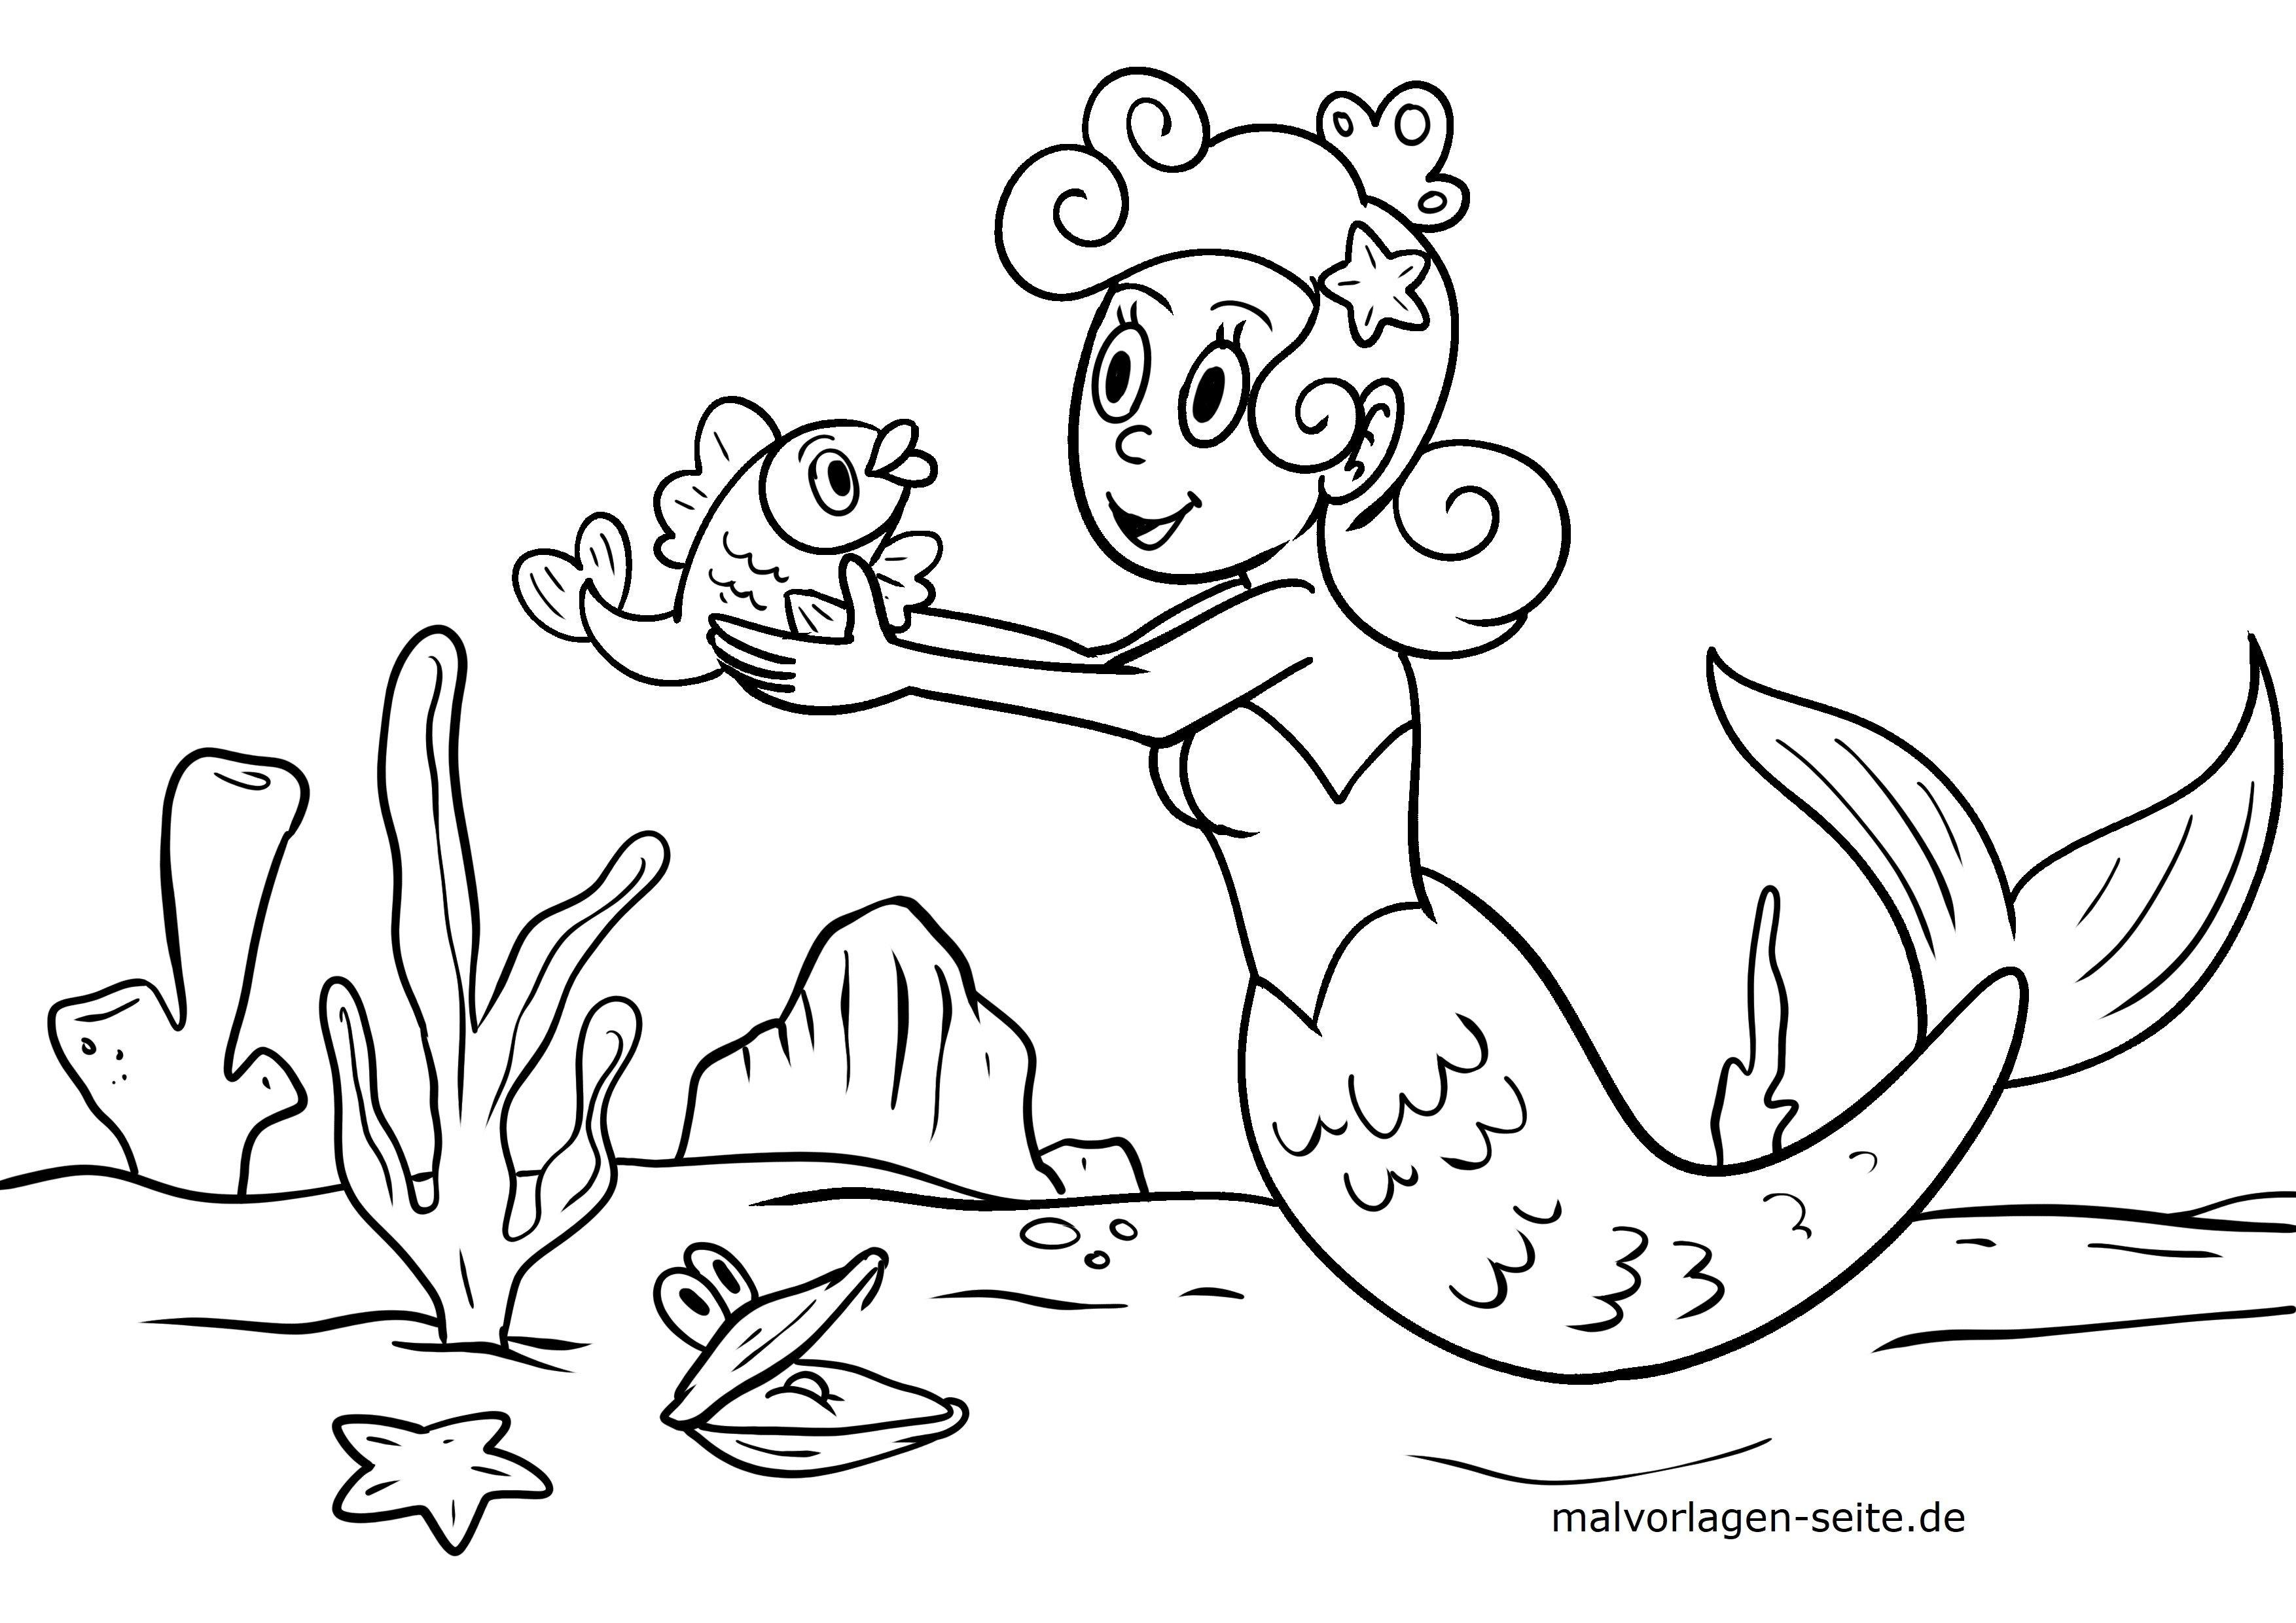 Malvorlagen Meerjungfrauen Kostenlos Herunterladen